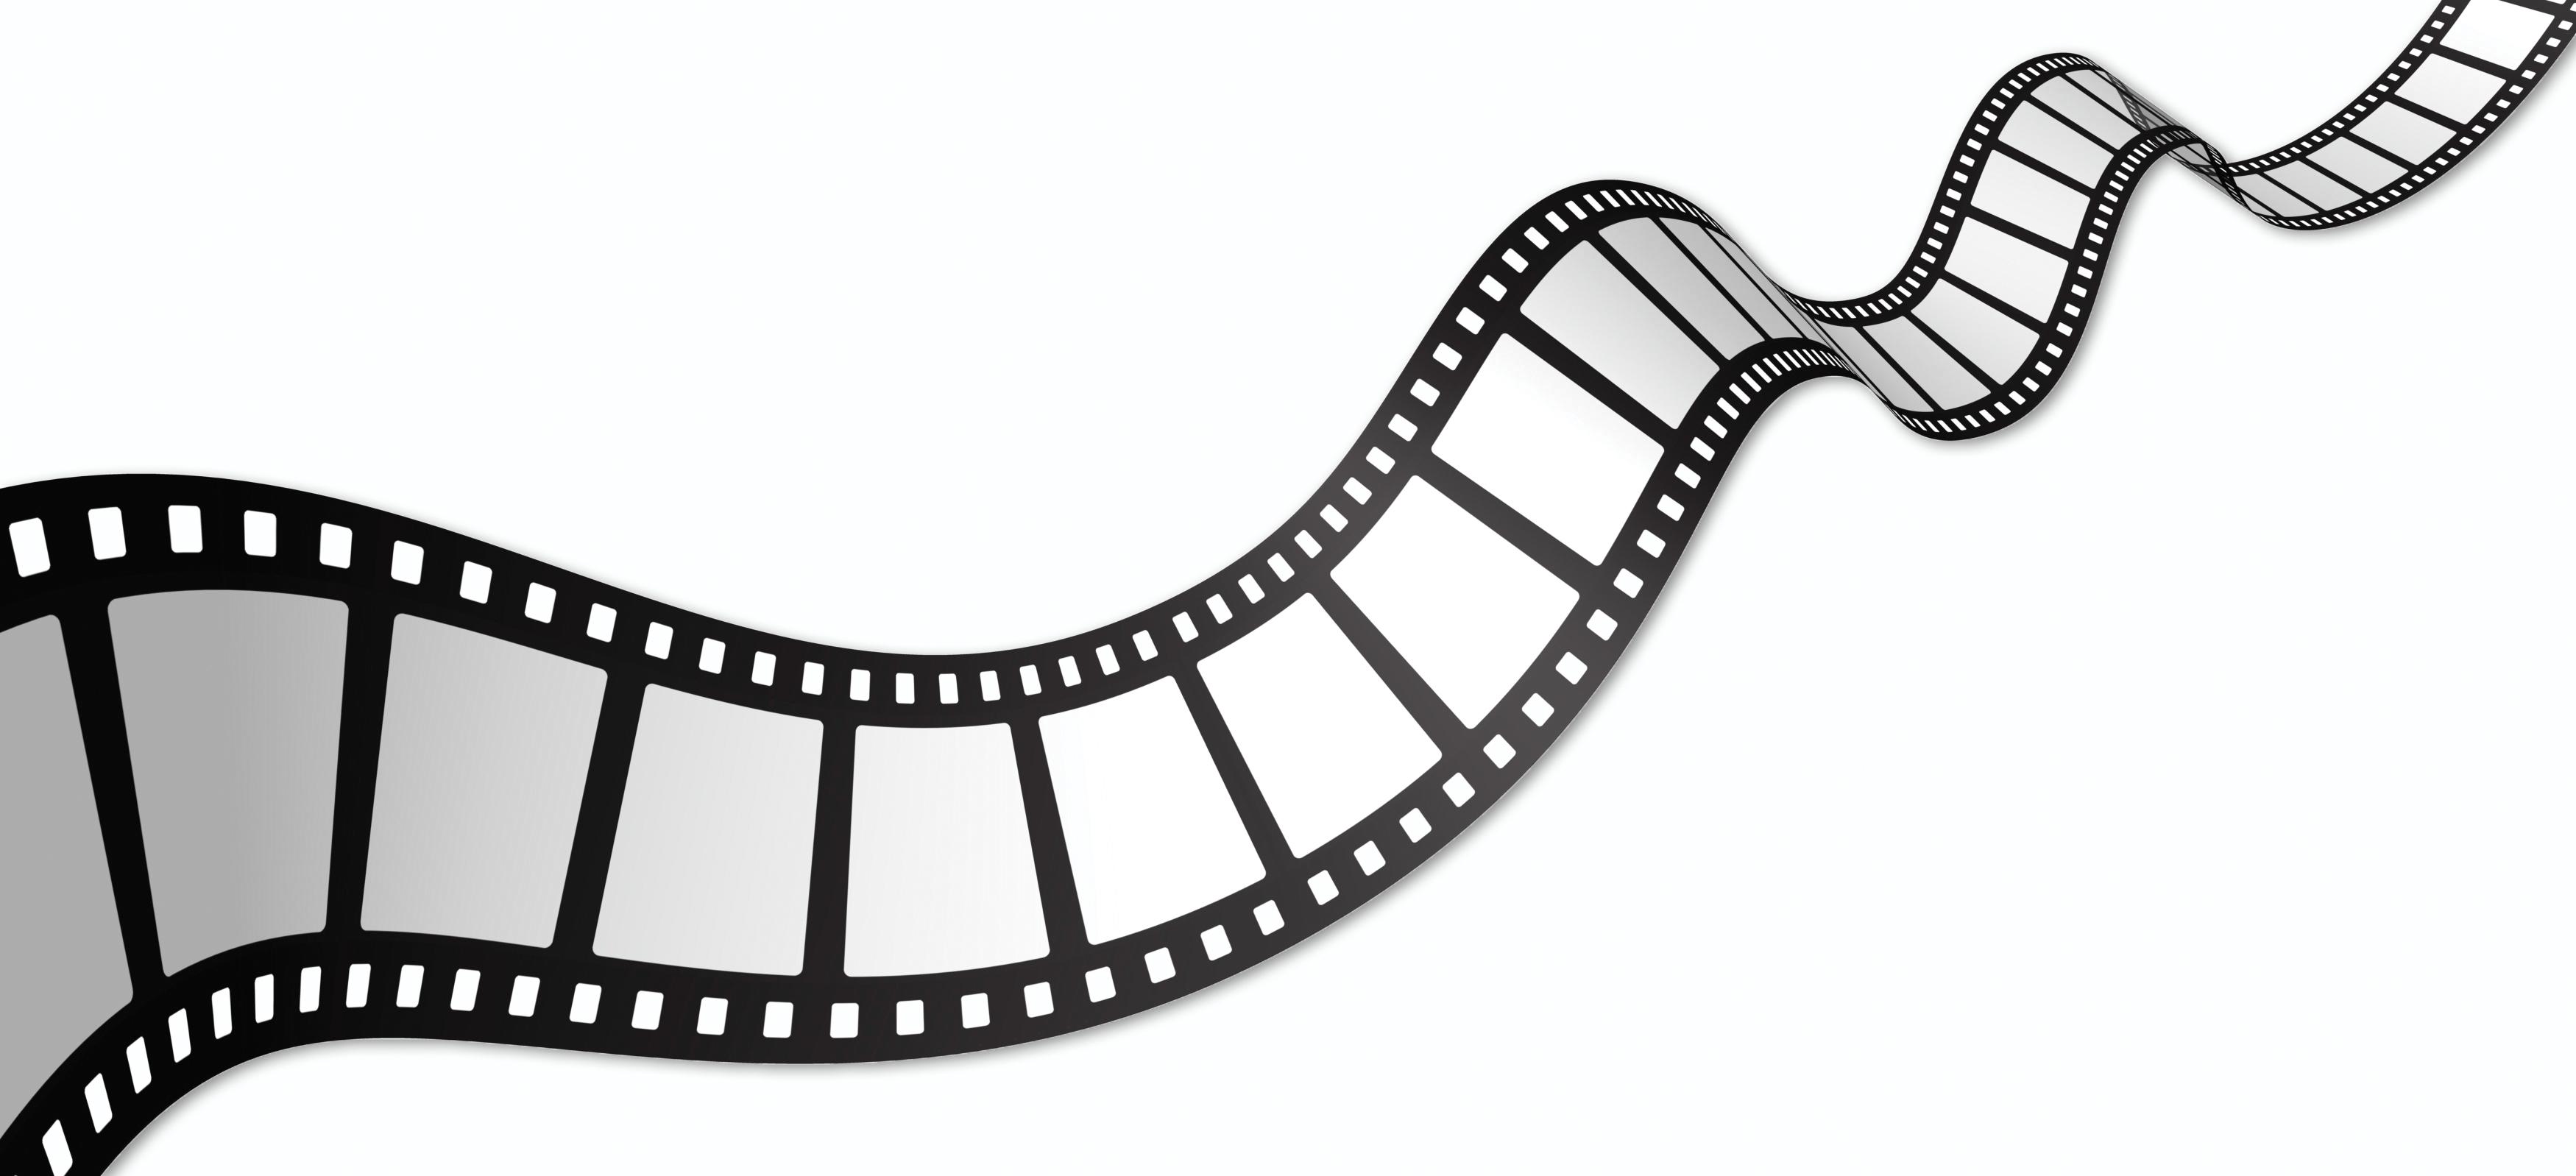 streaming film free annunci incontri a milano